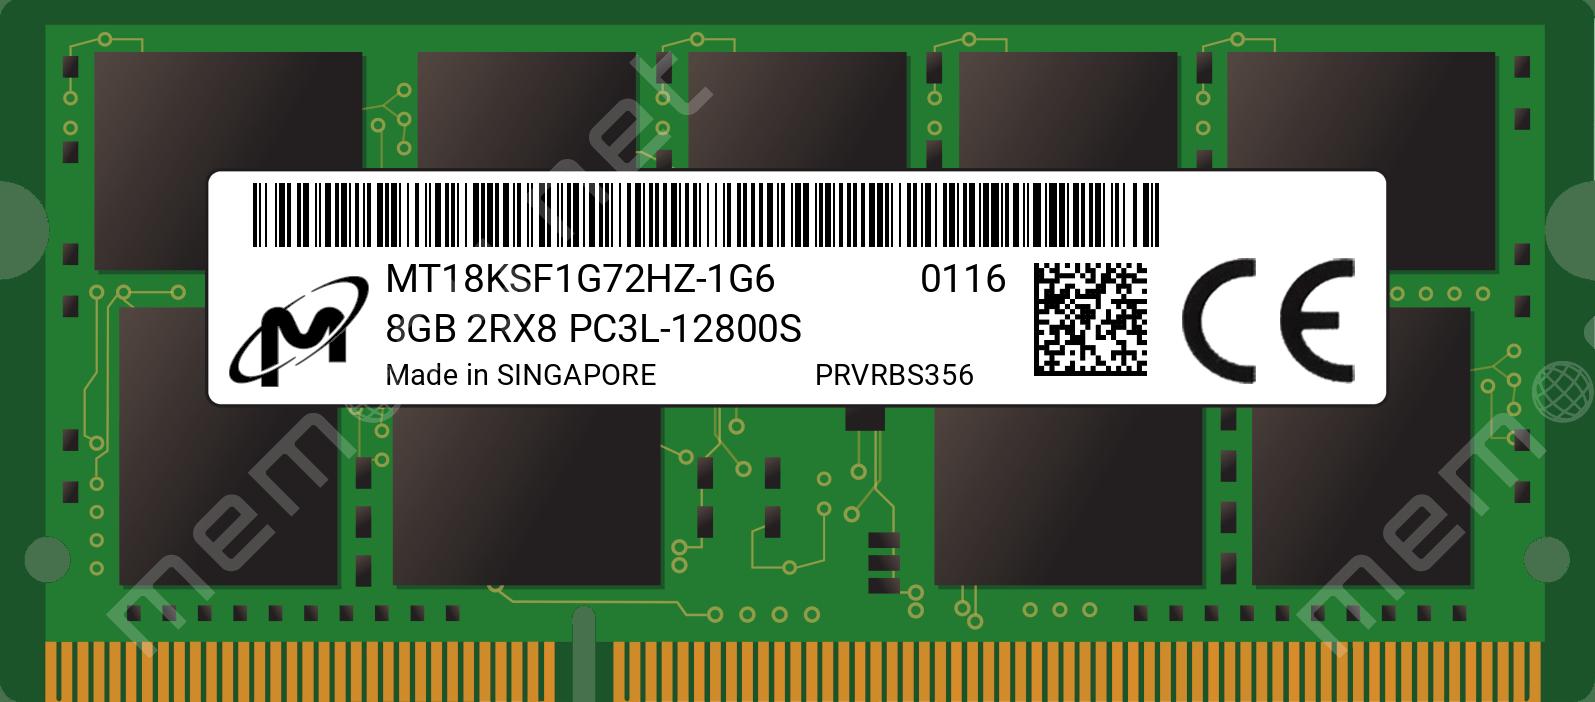 MT18KSF1G72HZ-1G6